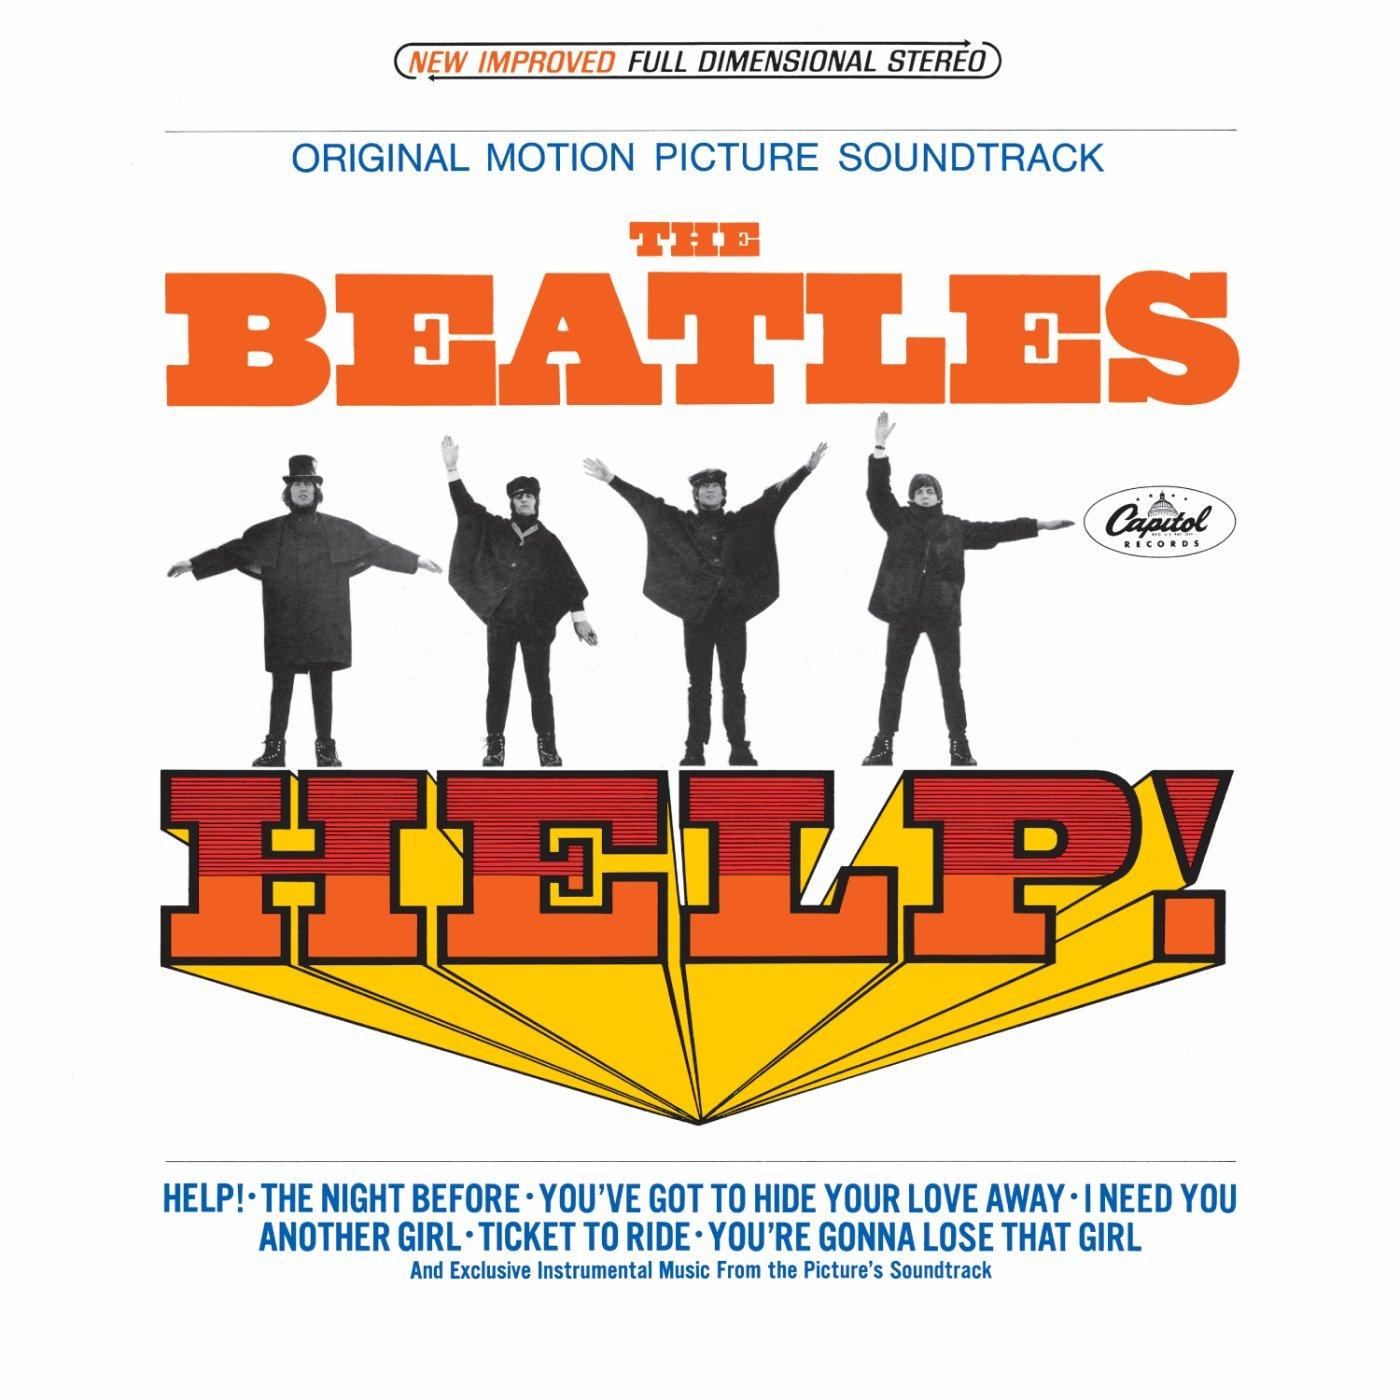 Original Motion Picture Soundtrack Album Help Original Motion Picture